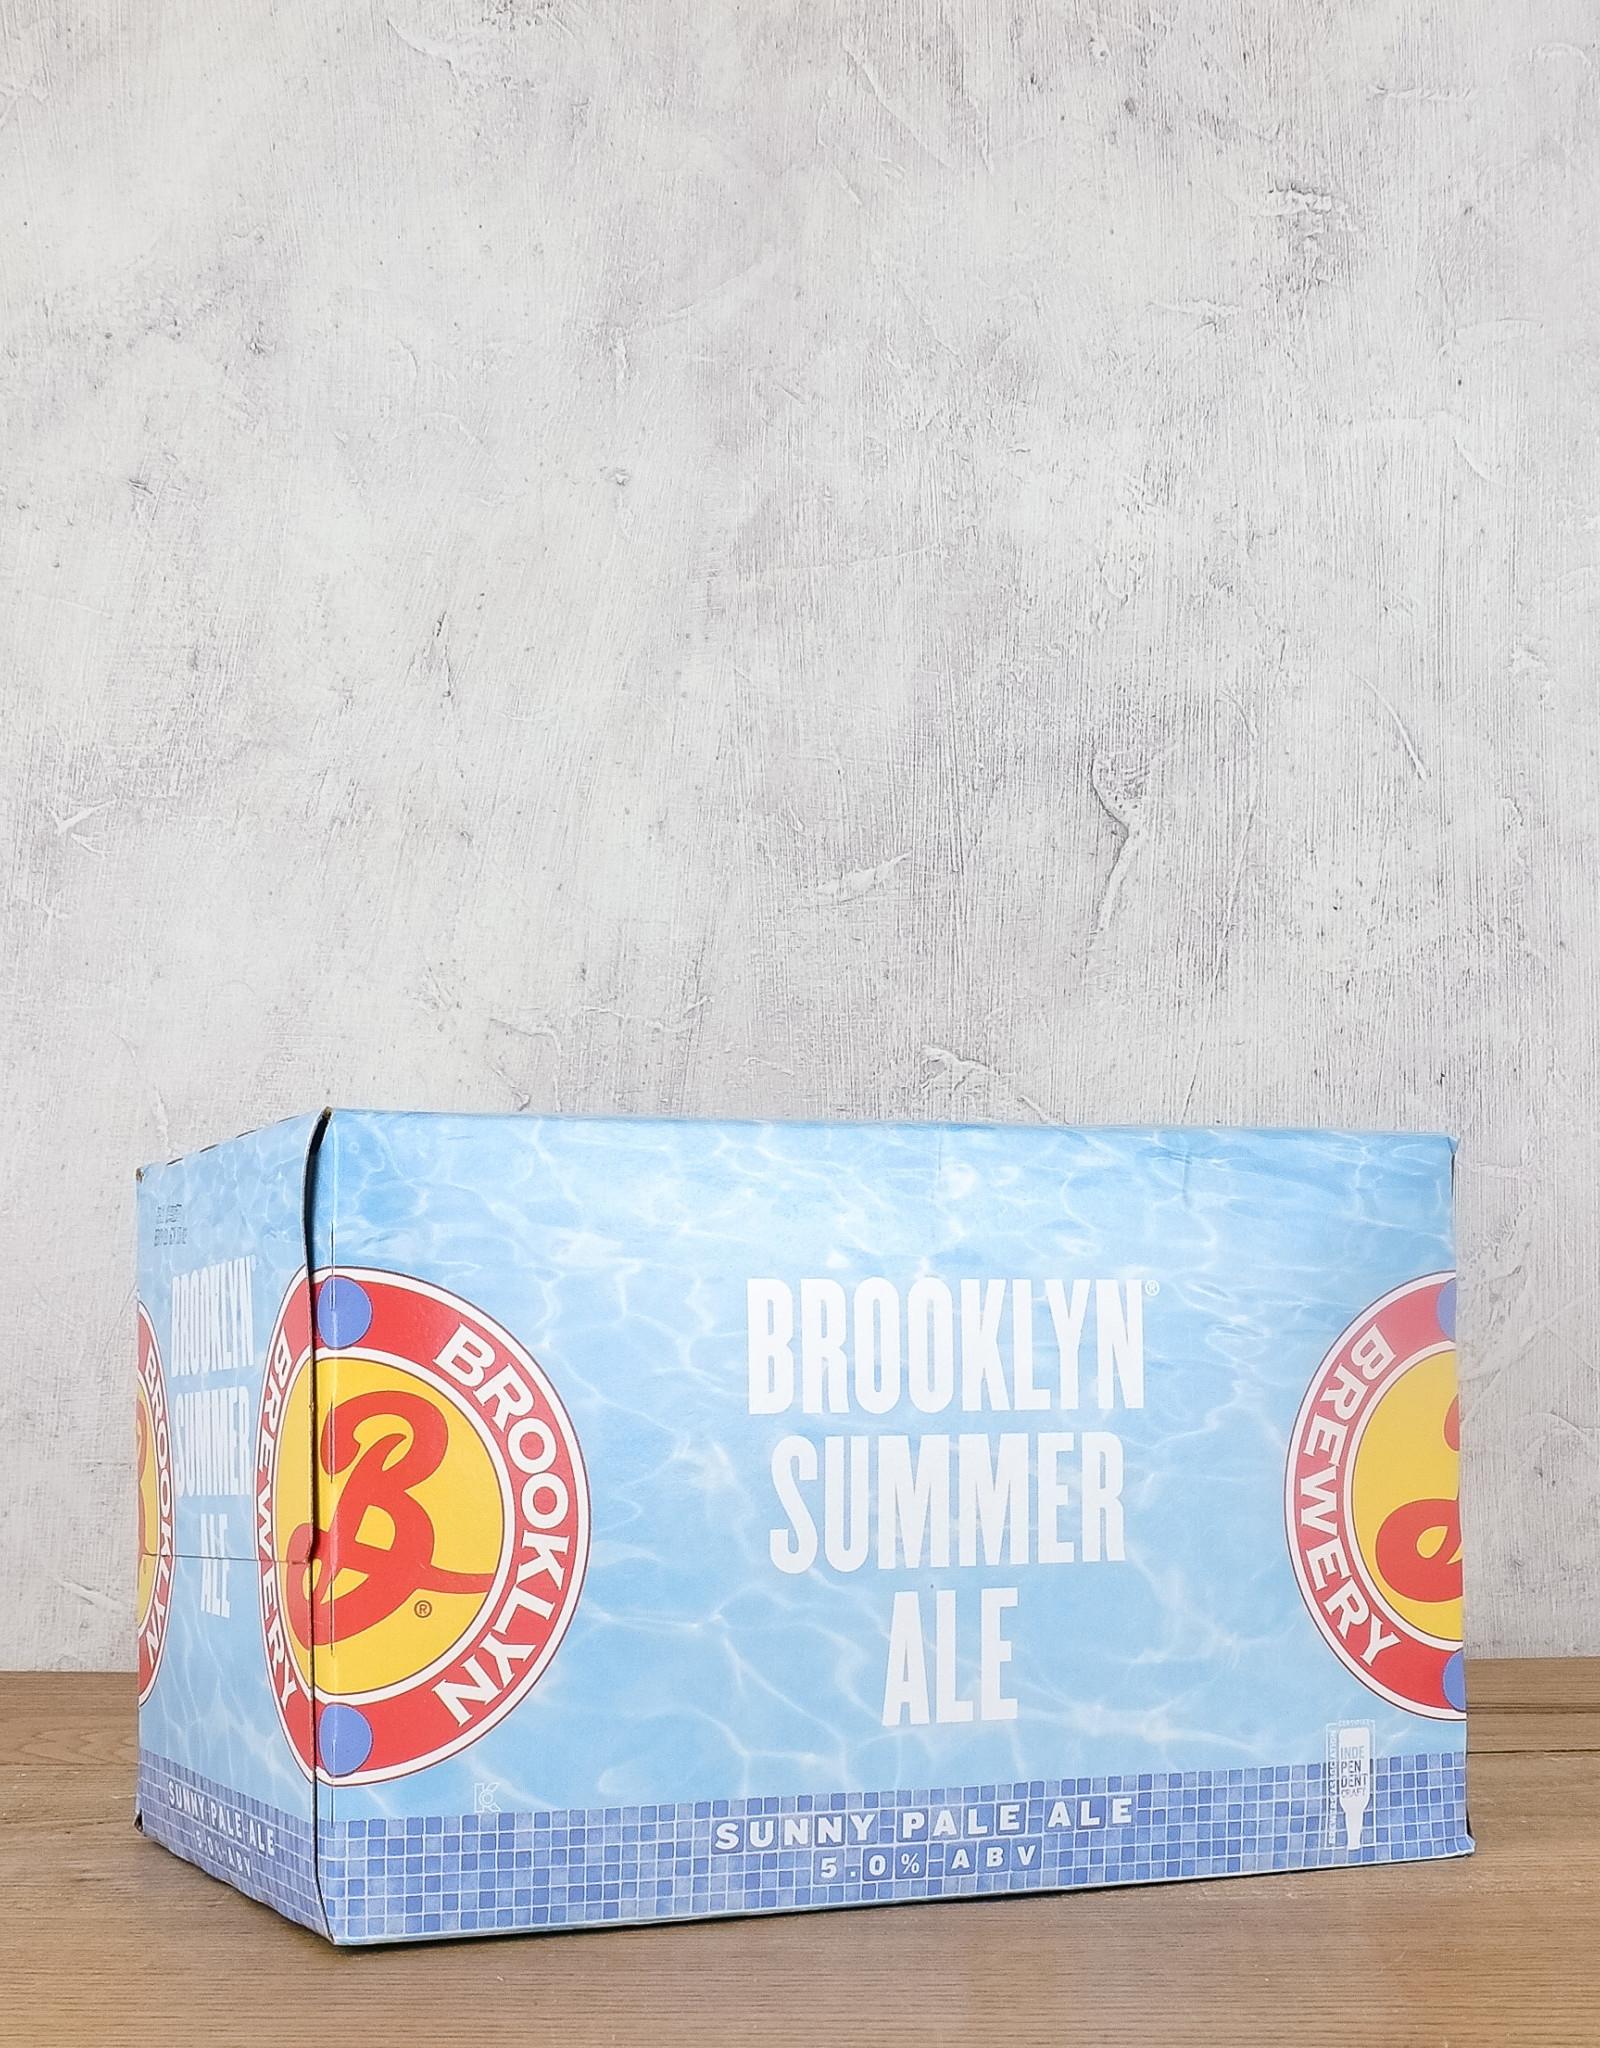 Brooklyn Summer Ale 6pk